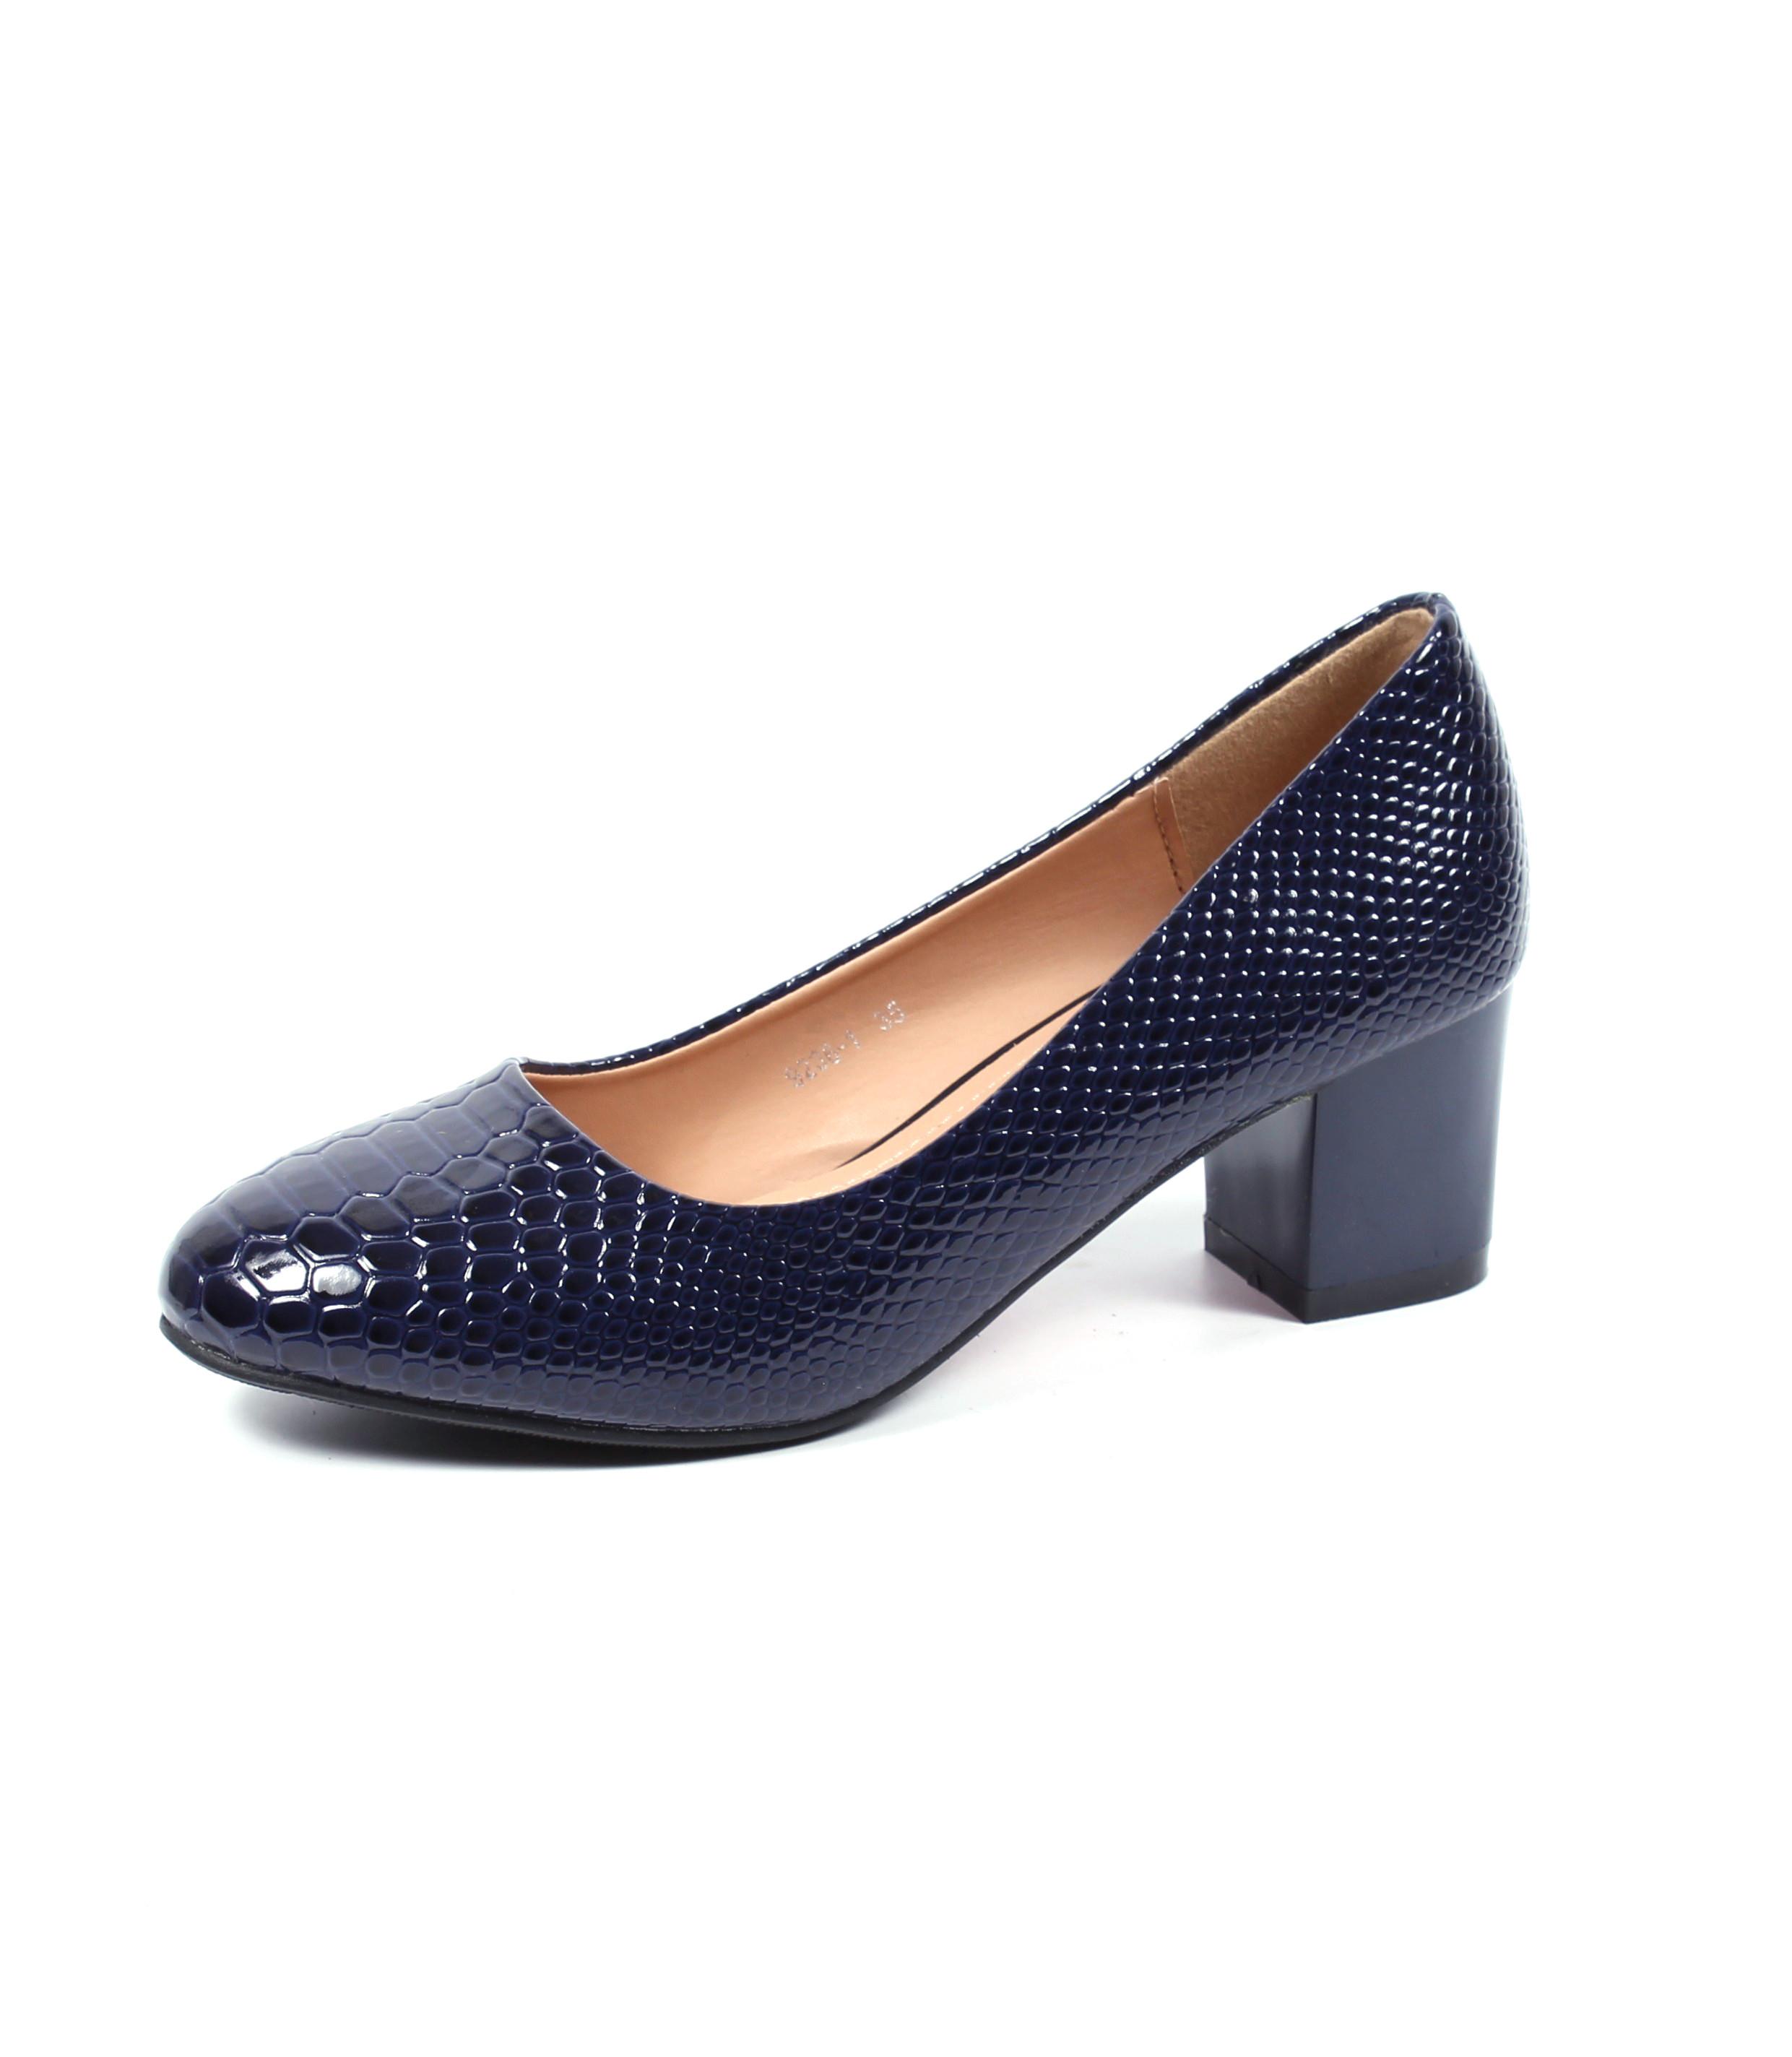 Повседневная женская обувь. Осень! Туфли, мокасины, ботинки от 280 руб. Выкуп-1